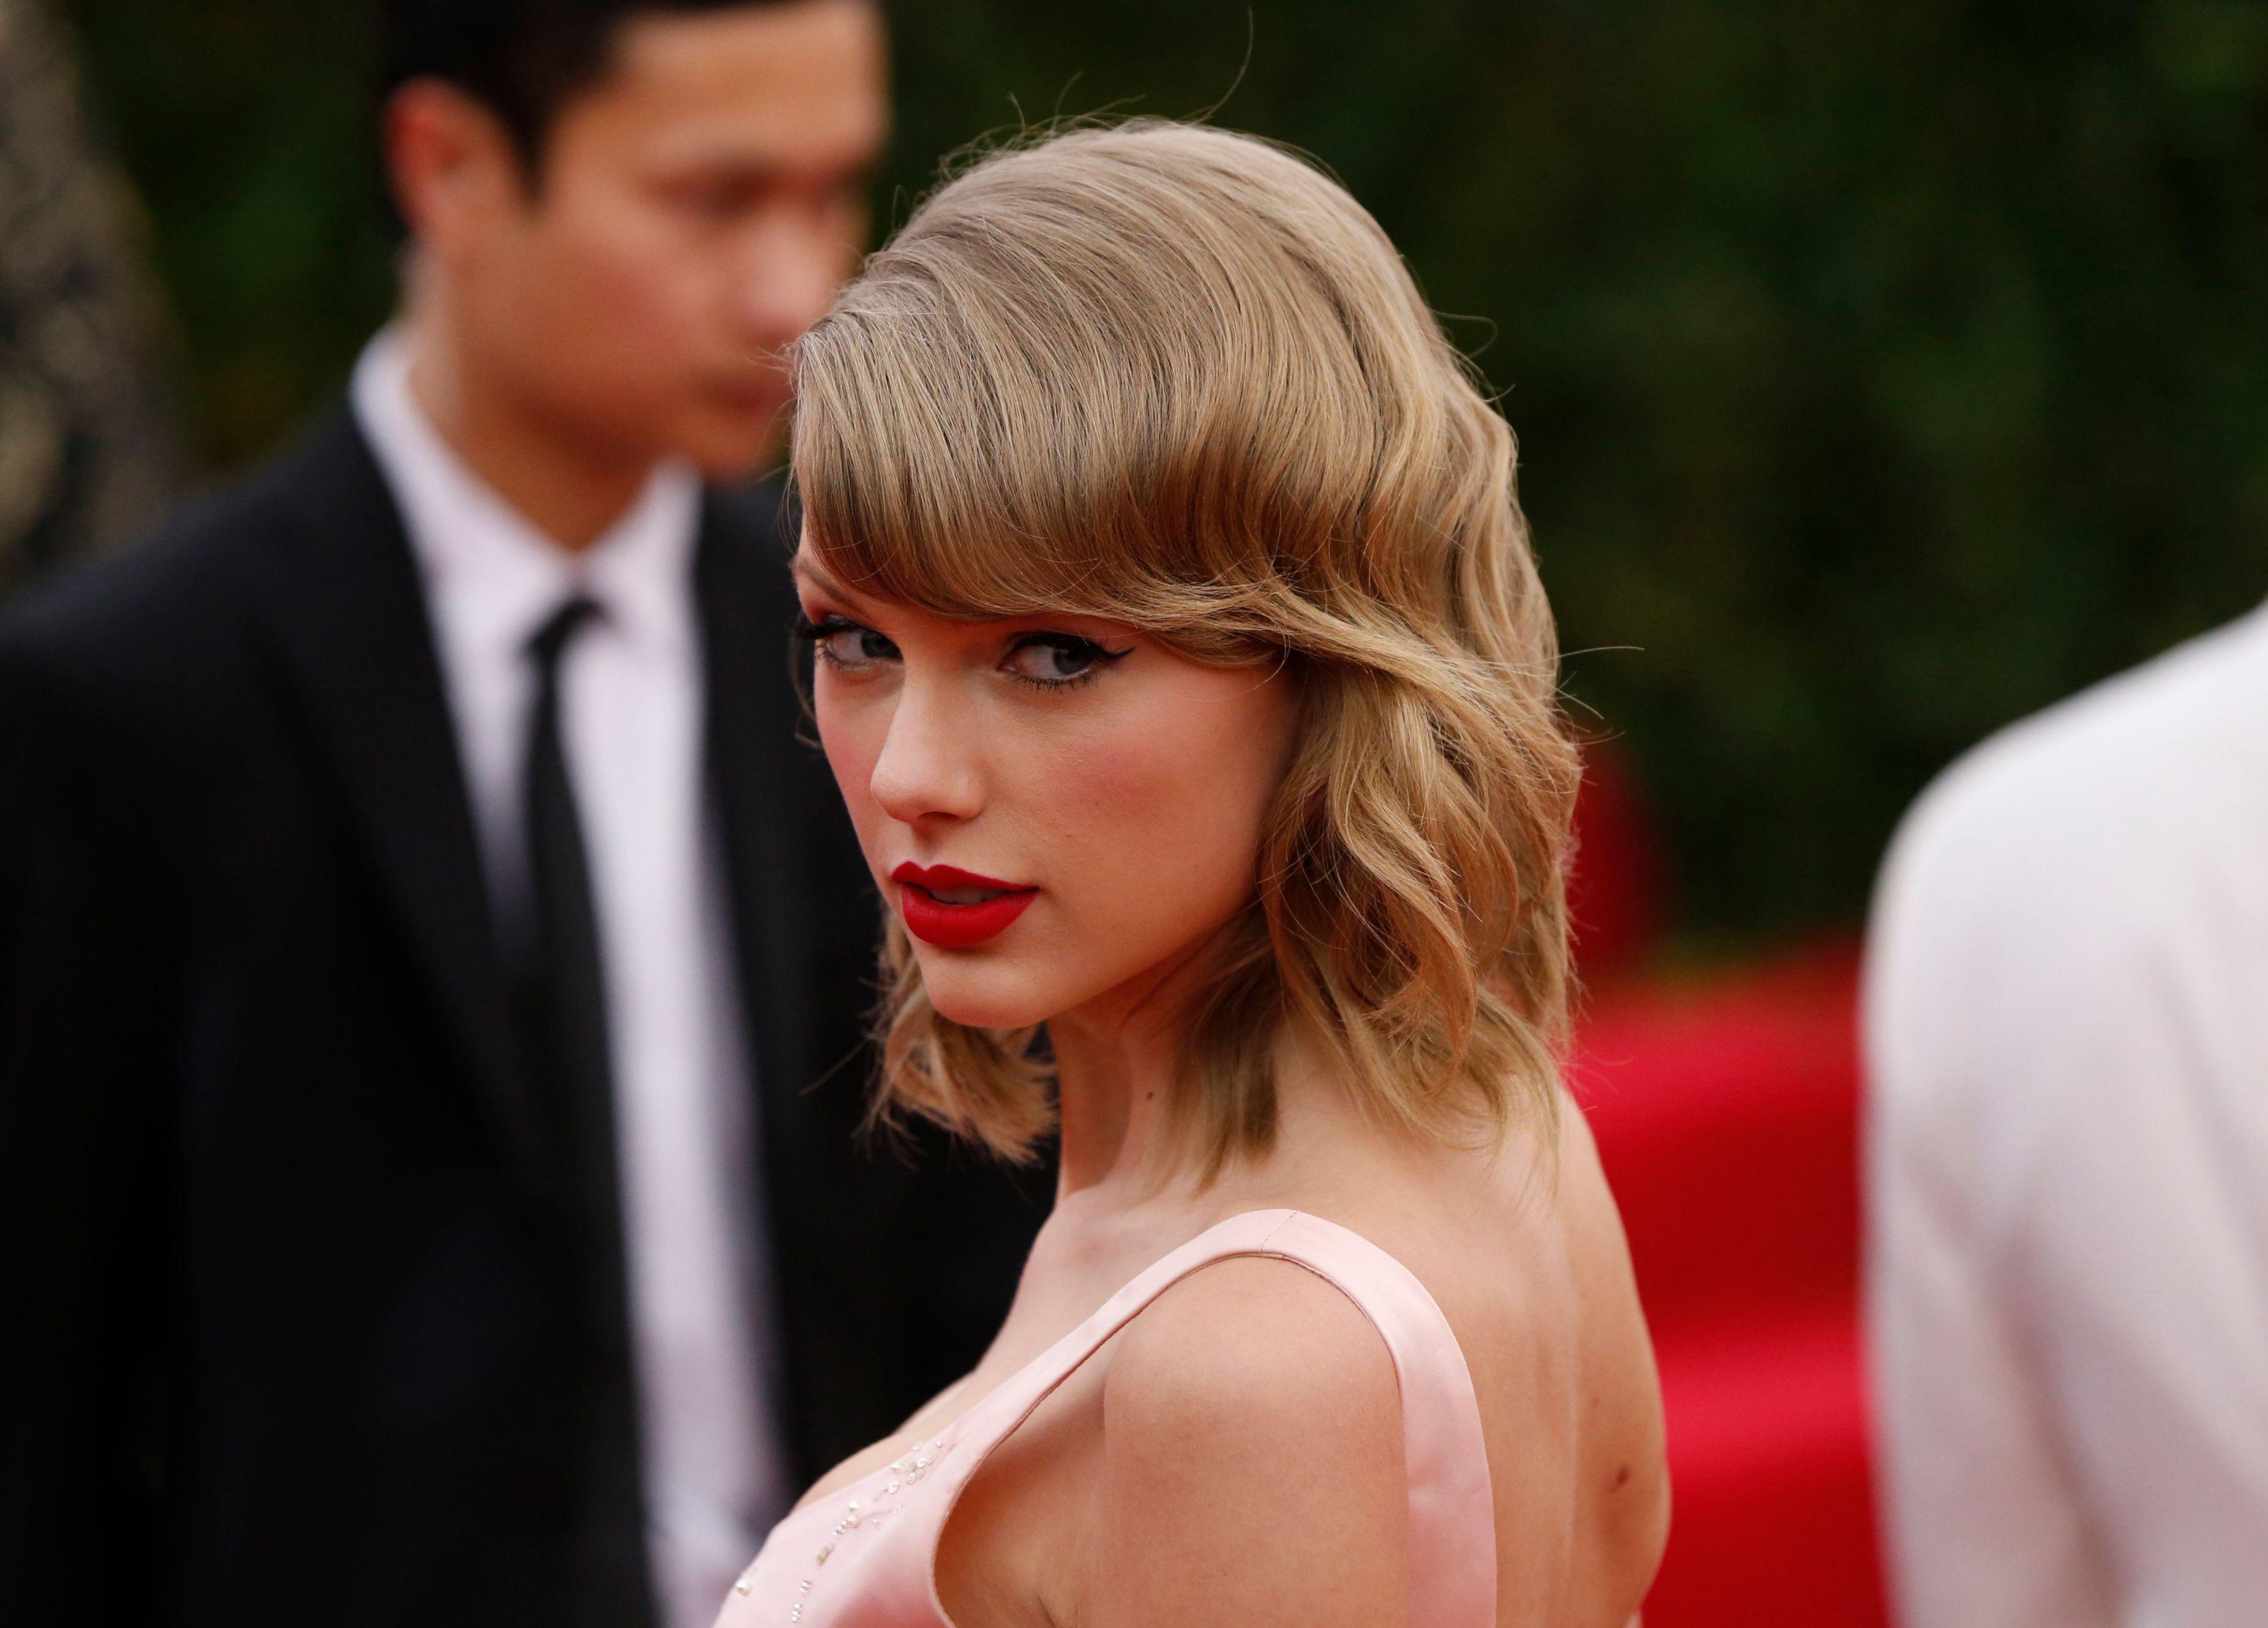 Des gens croient sincèrement que Taylor Swift est un clone d'une prêtresse satanique